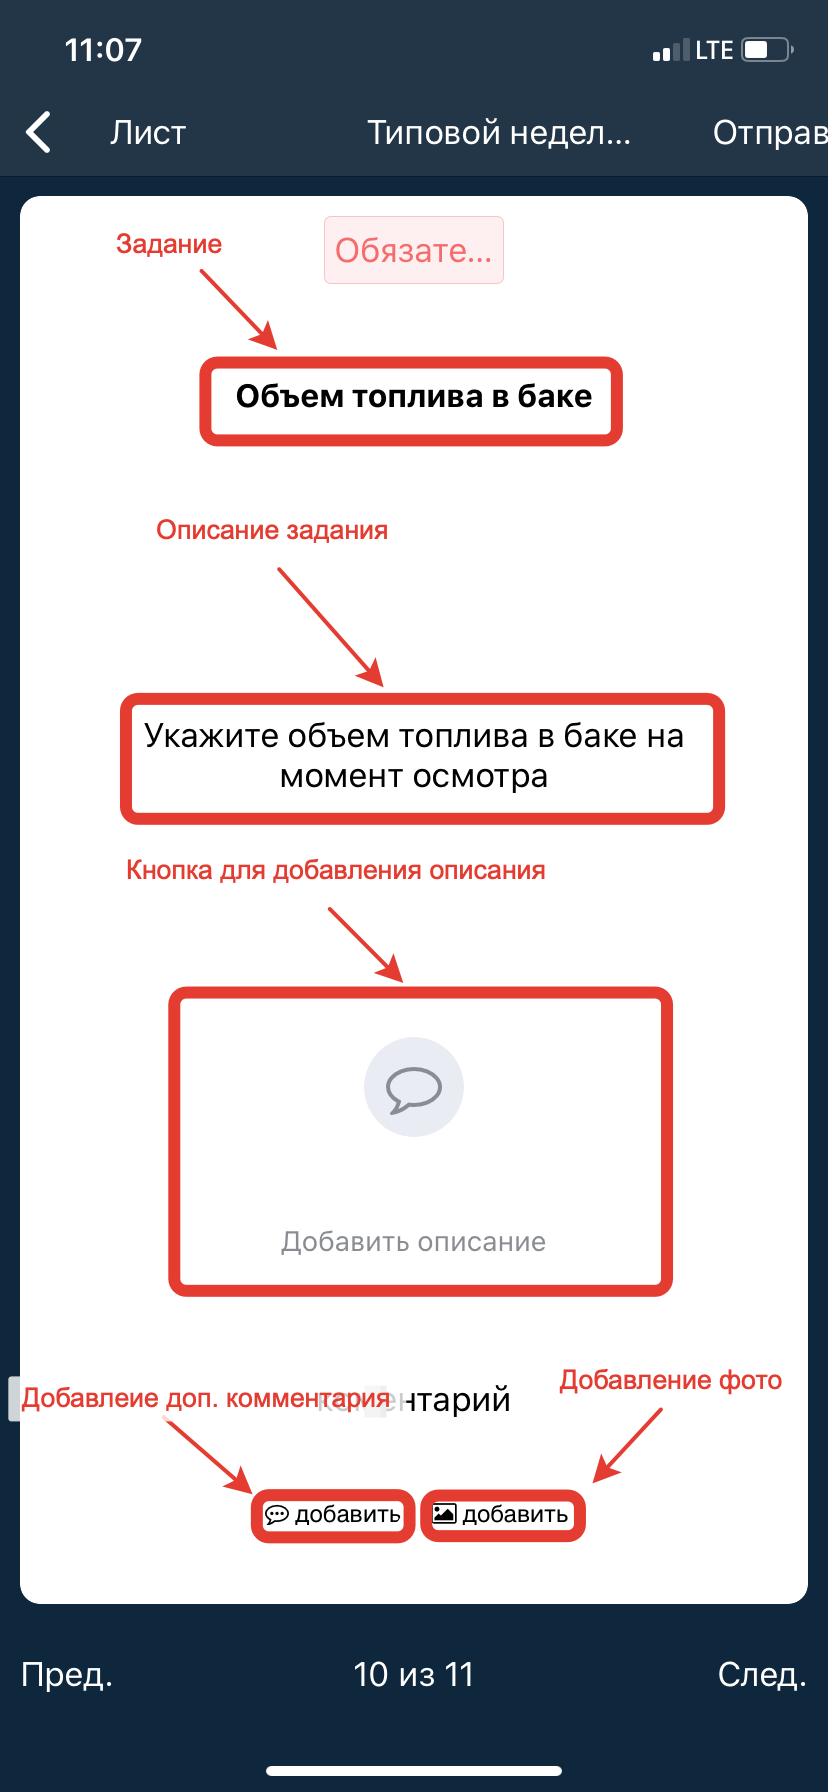 Мобильное приложение Завгар Онлайн - прохождение электронного технического осмотра 6